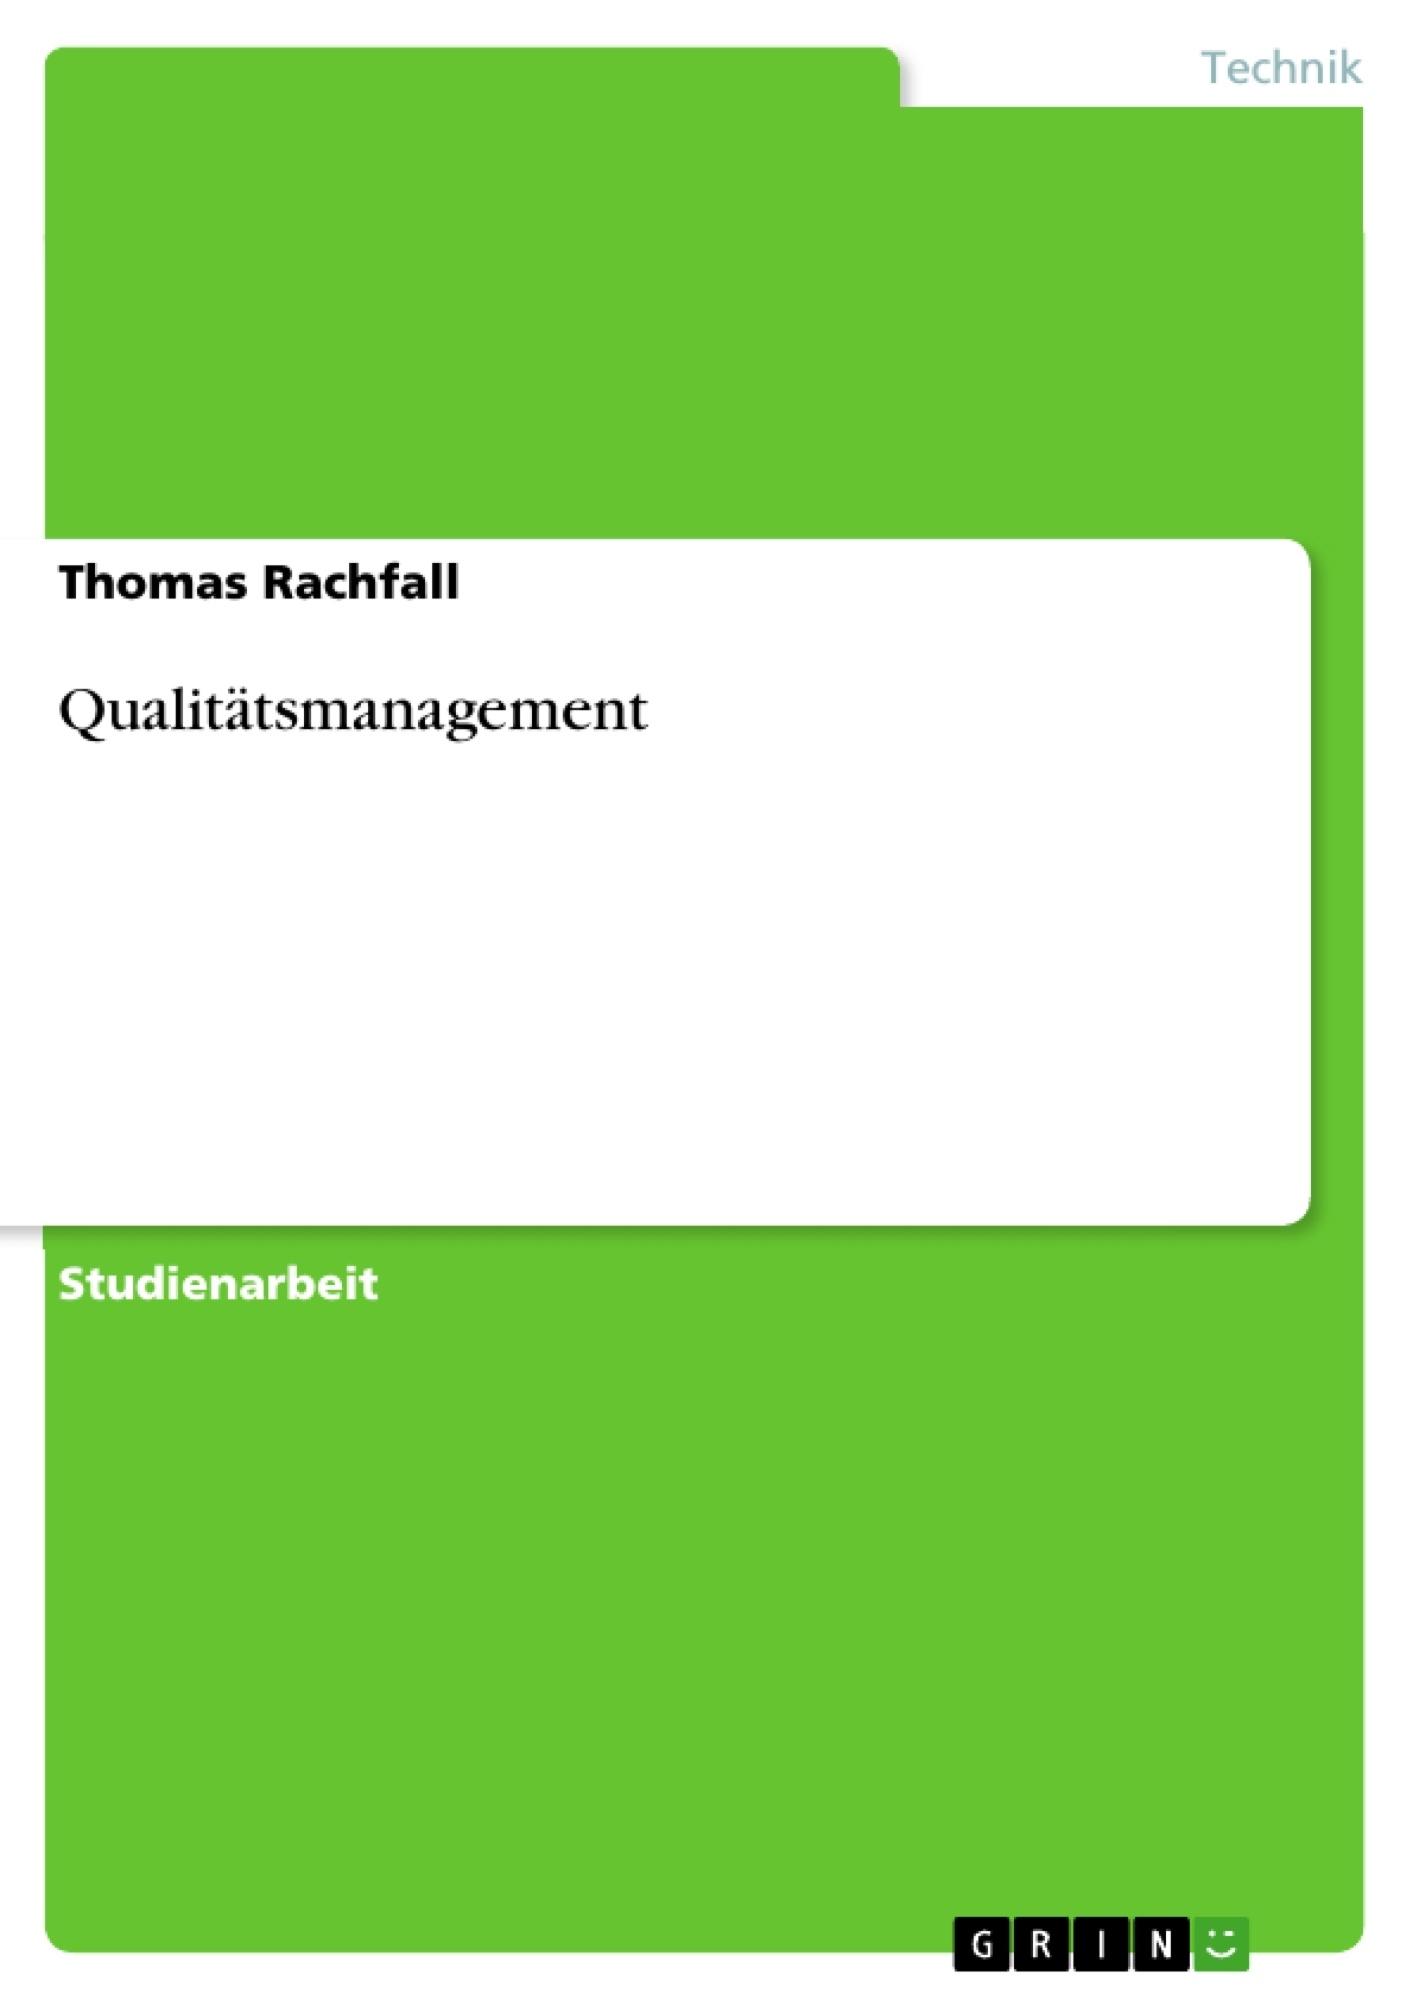 Qualitätsmanagement Masterarbeit Hausarbeit Bachelorarbeit